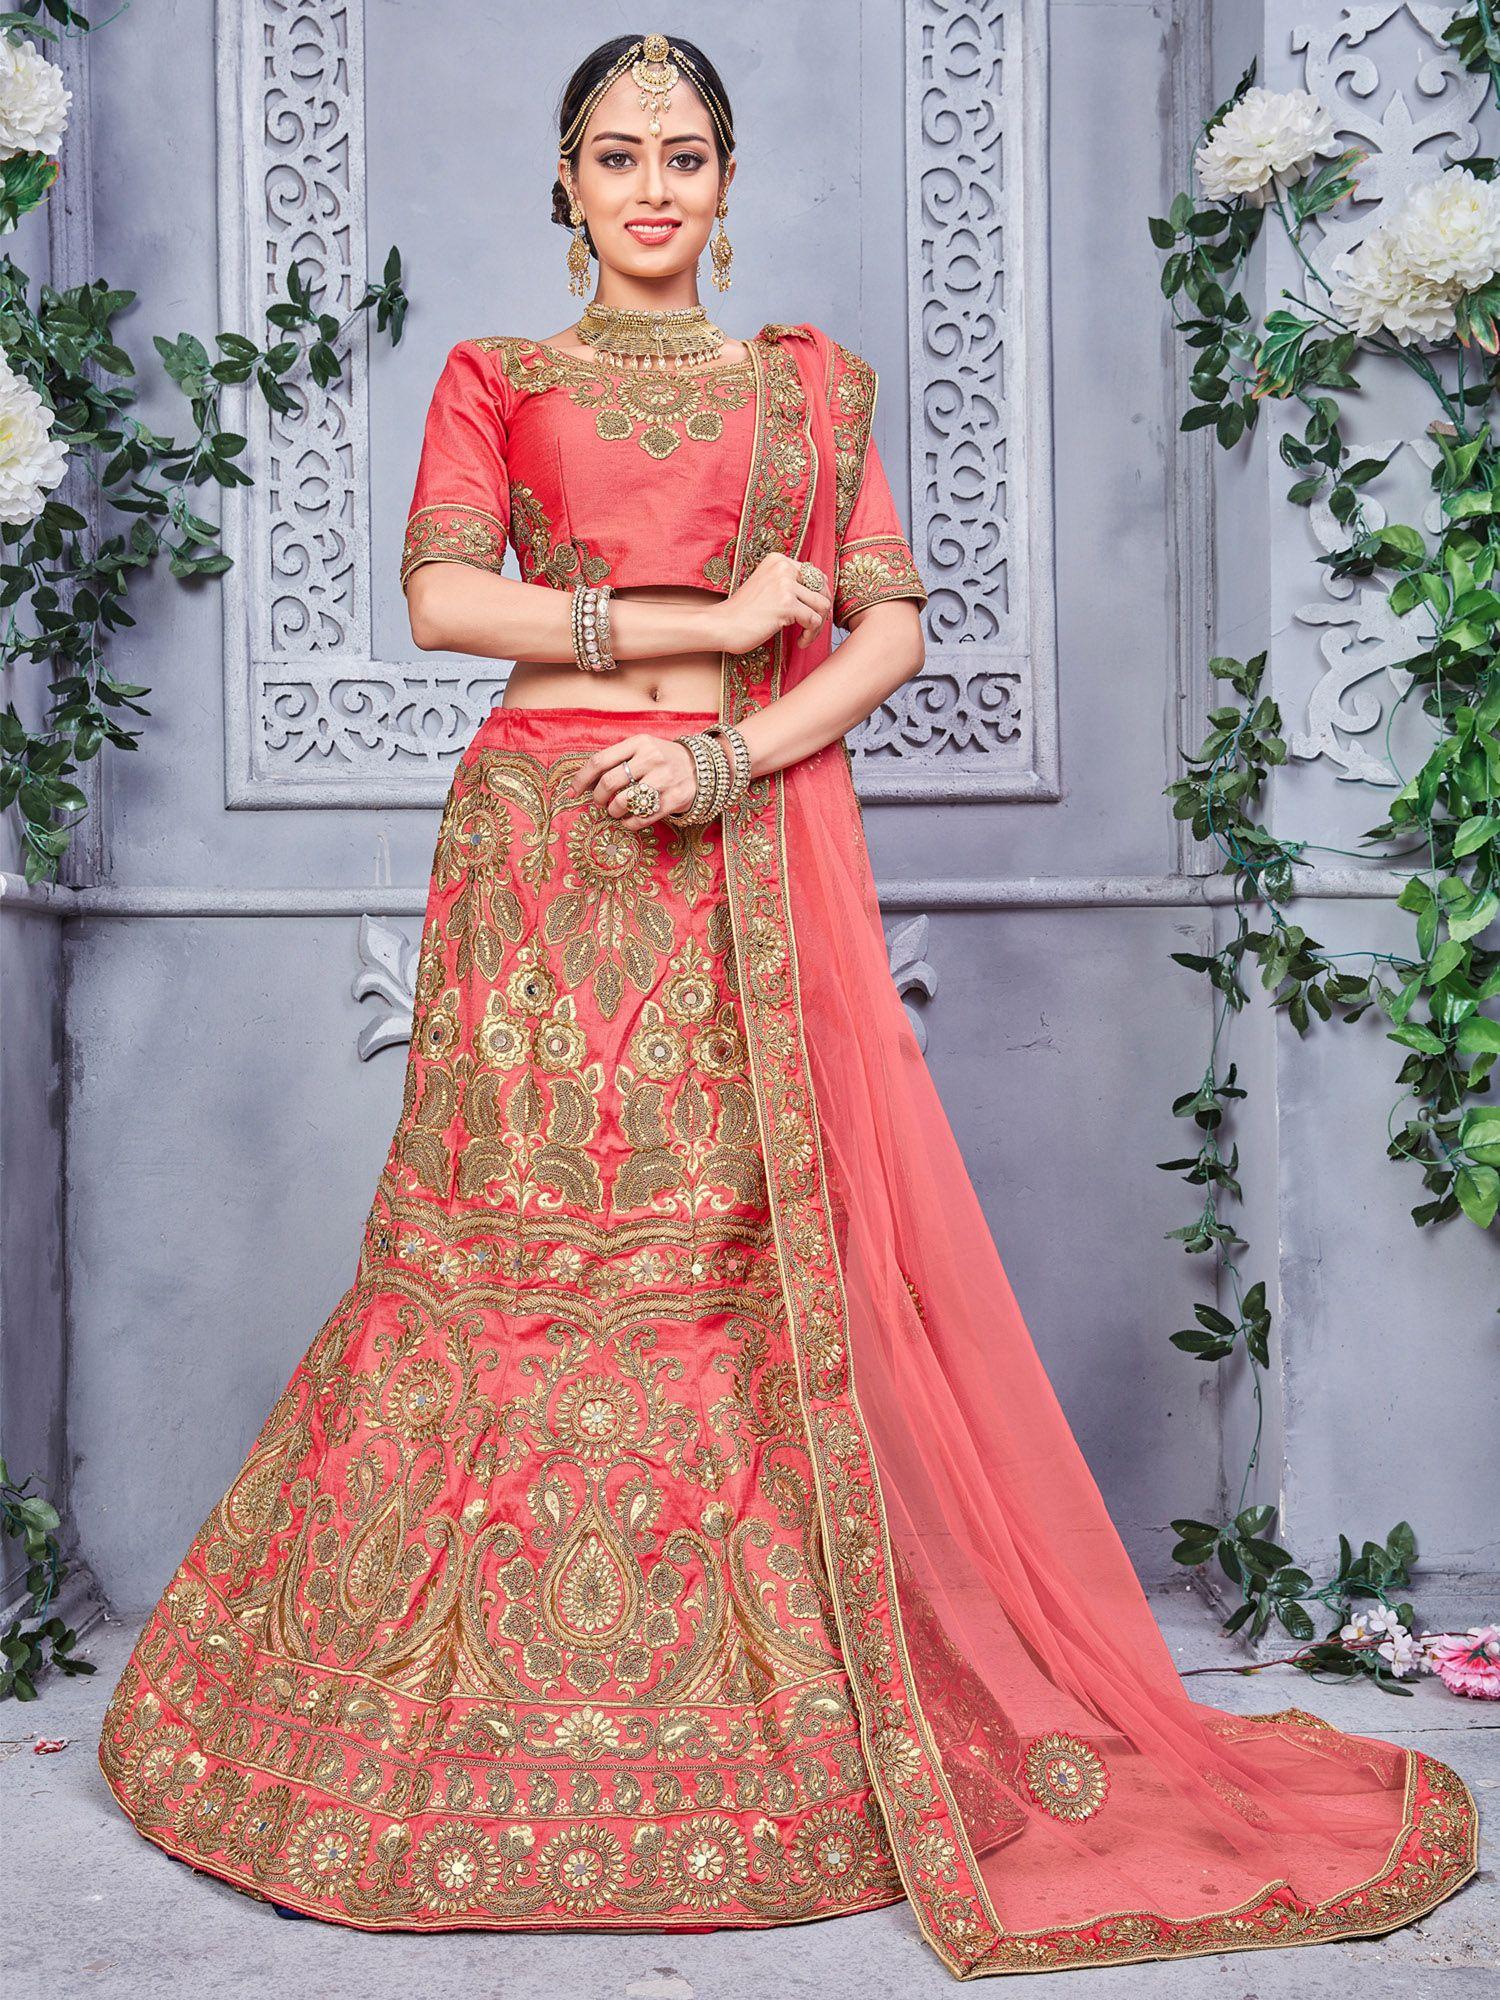 Gajari Pure Silk Designer Heavy Embroidered Lehenga Choli amazing